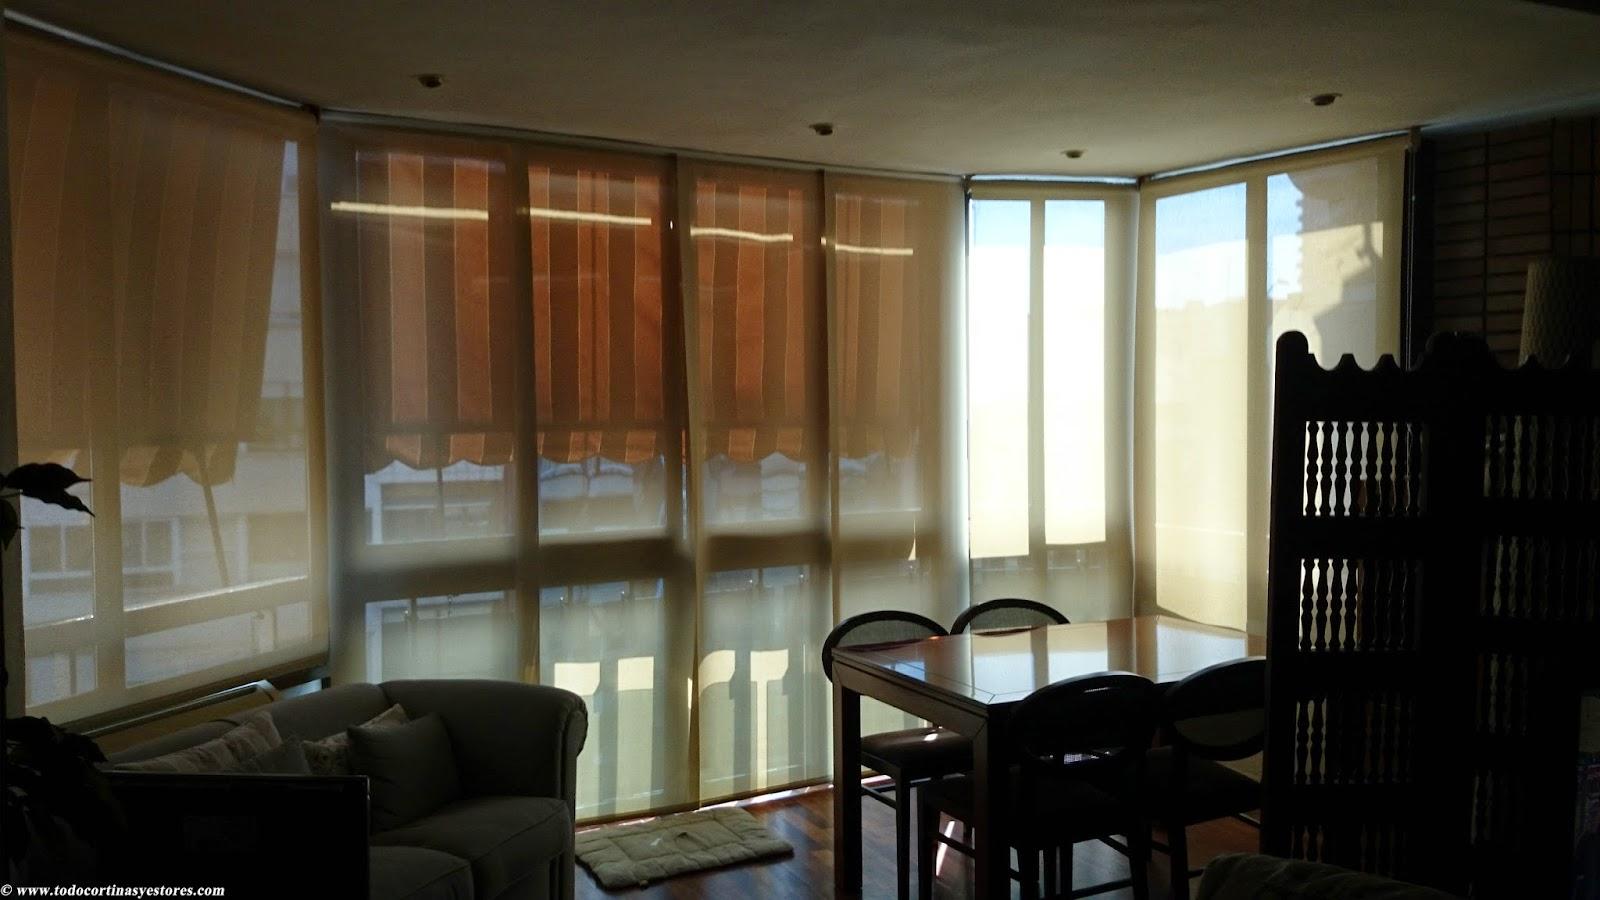 Decoracion interior cortinas verticales estores - Estores screen ikea ...